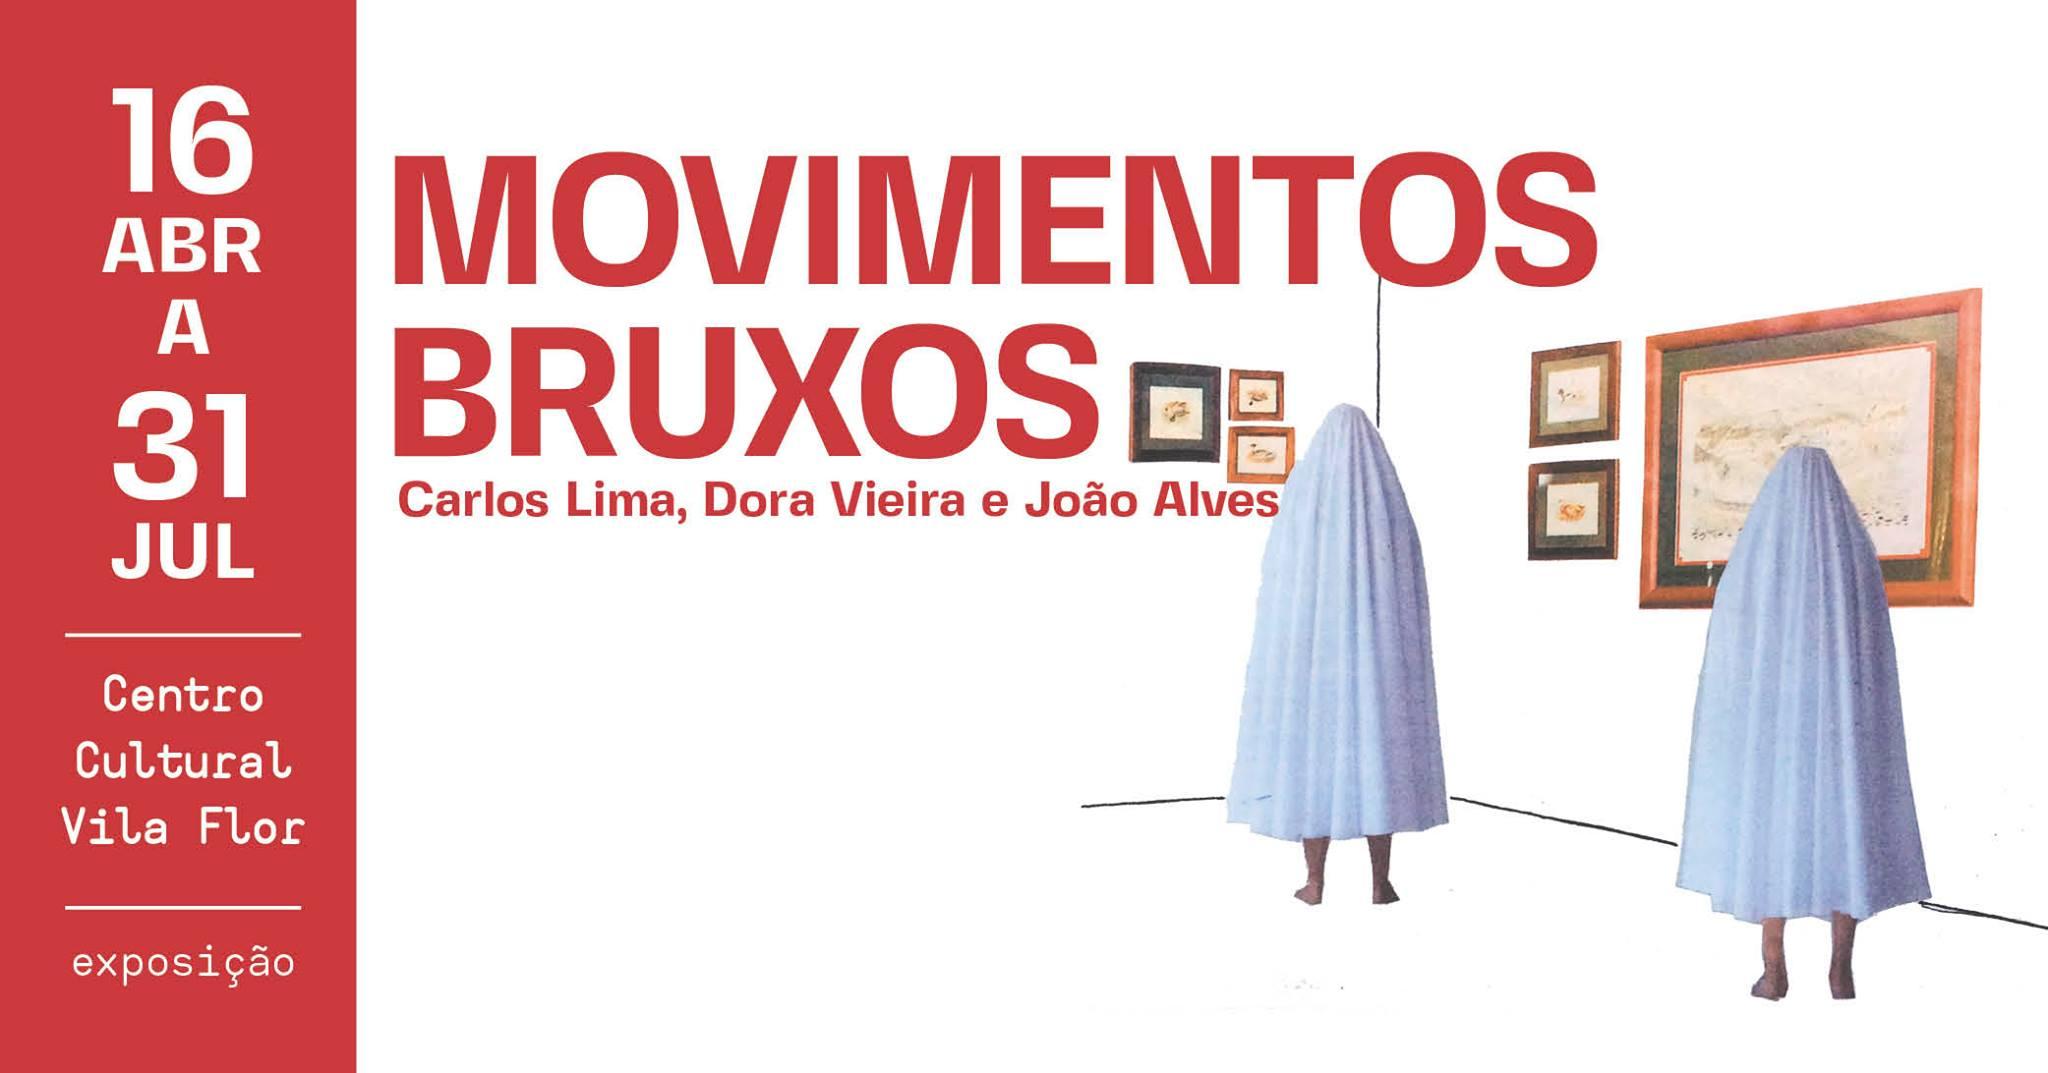 Exposição 'Movimentos Bruxos'